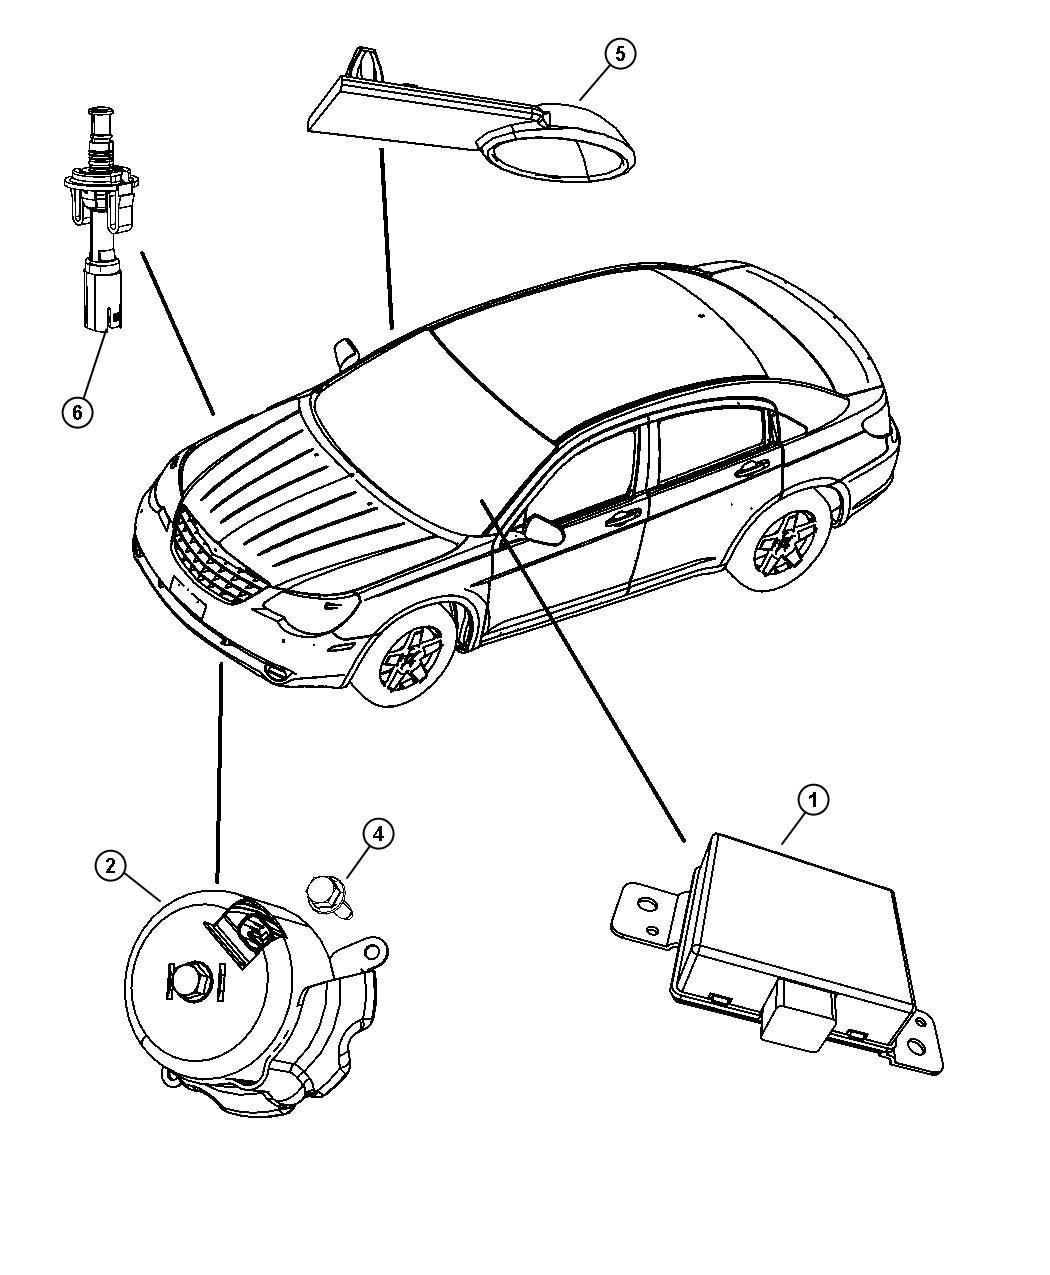 Chrysler Sebring Nut Locking Mounting